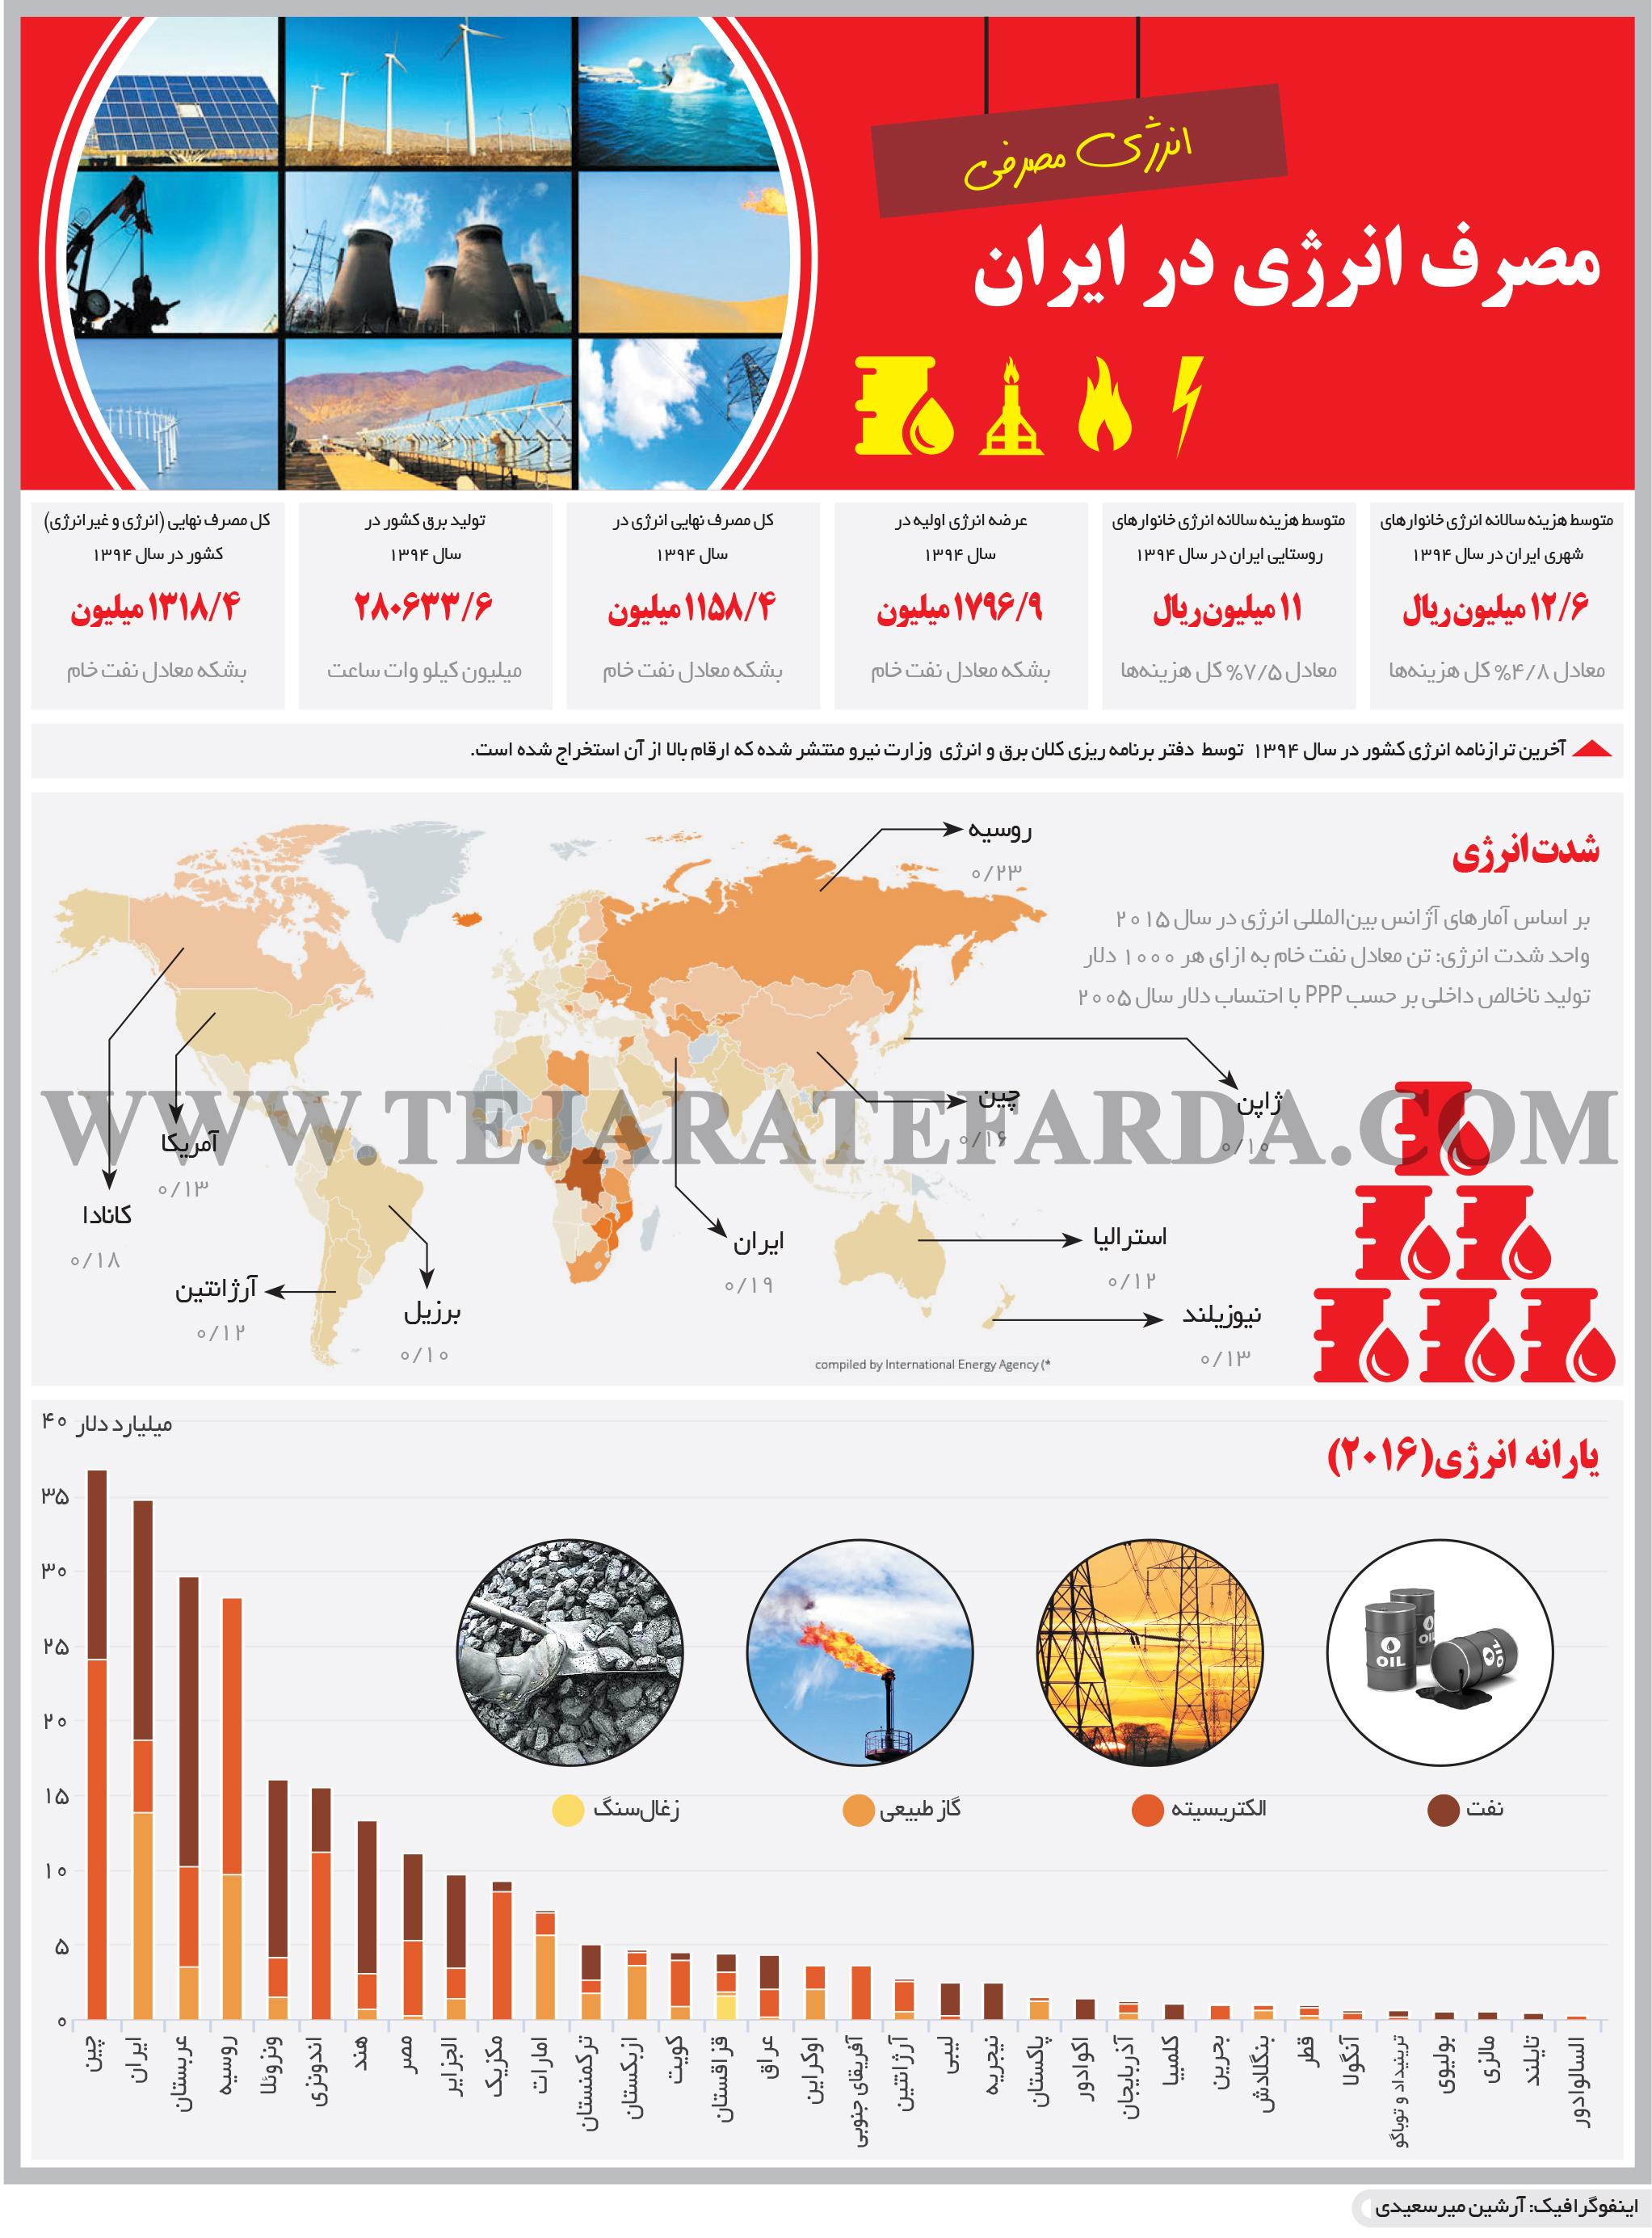 تجارت فردا- اینفوگرافیک- مصرف انرژی در ایران